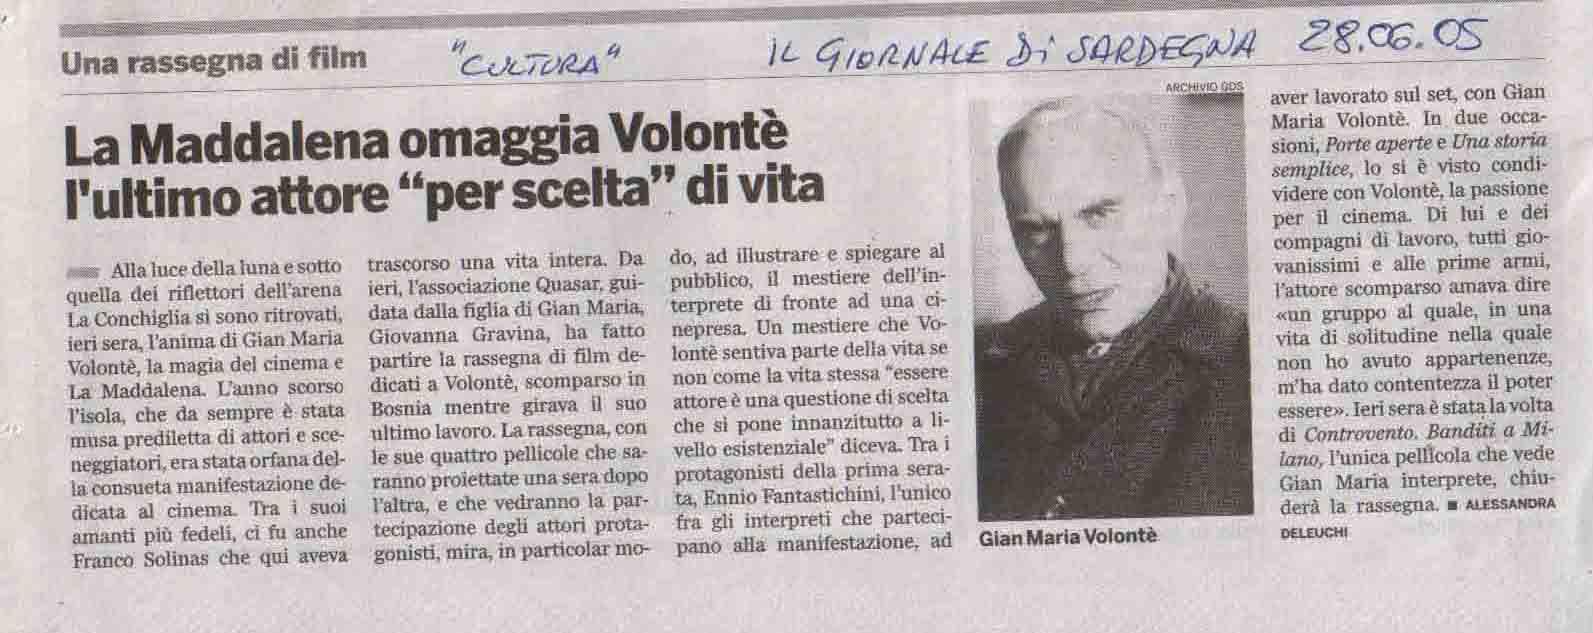 Il Giornale di Sardegna 28 giu 2005